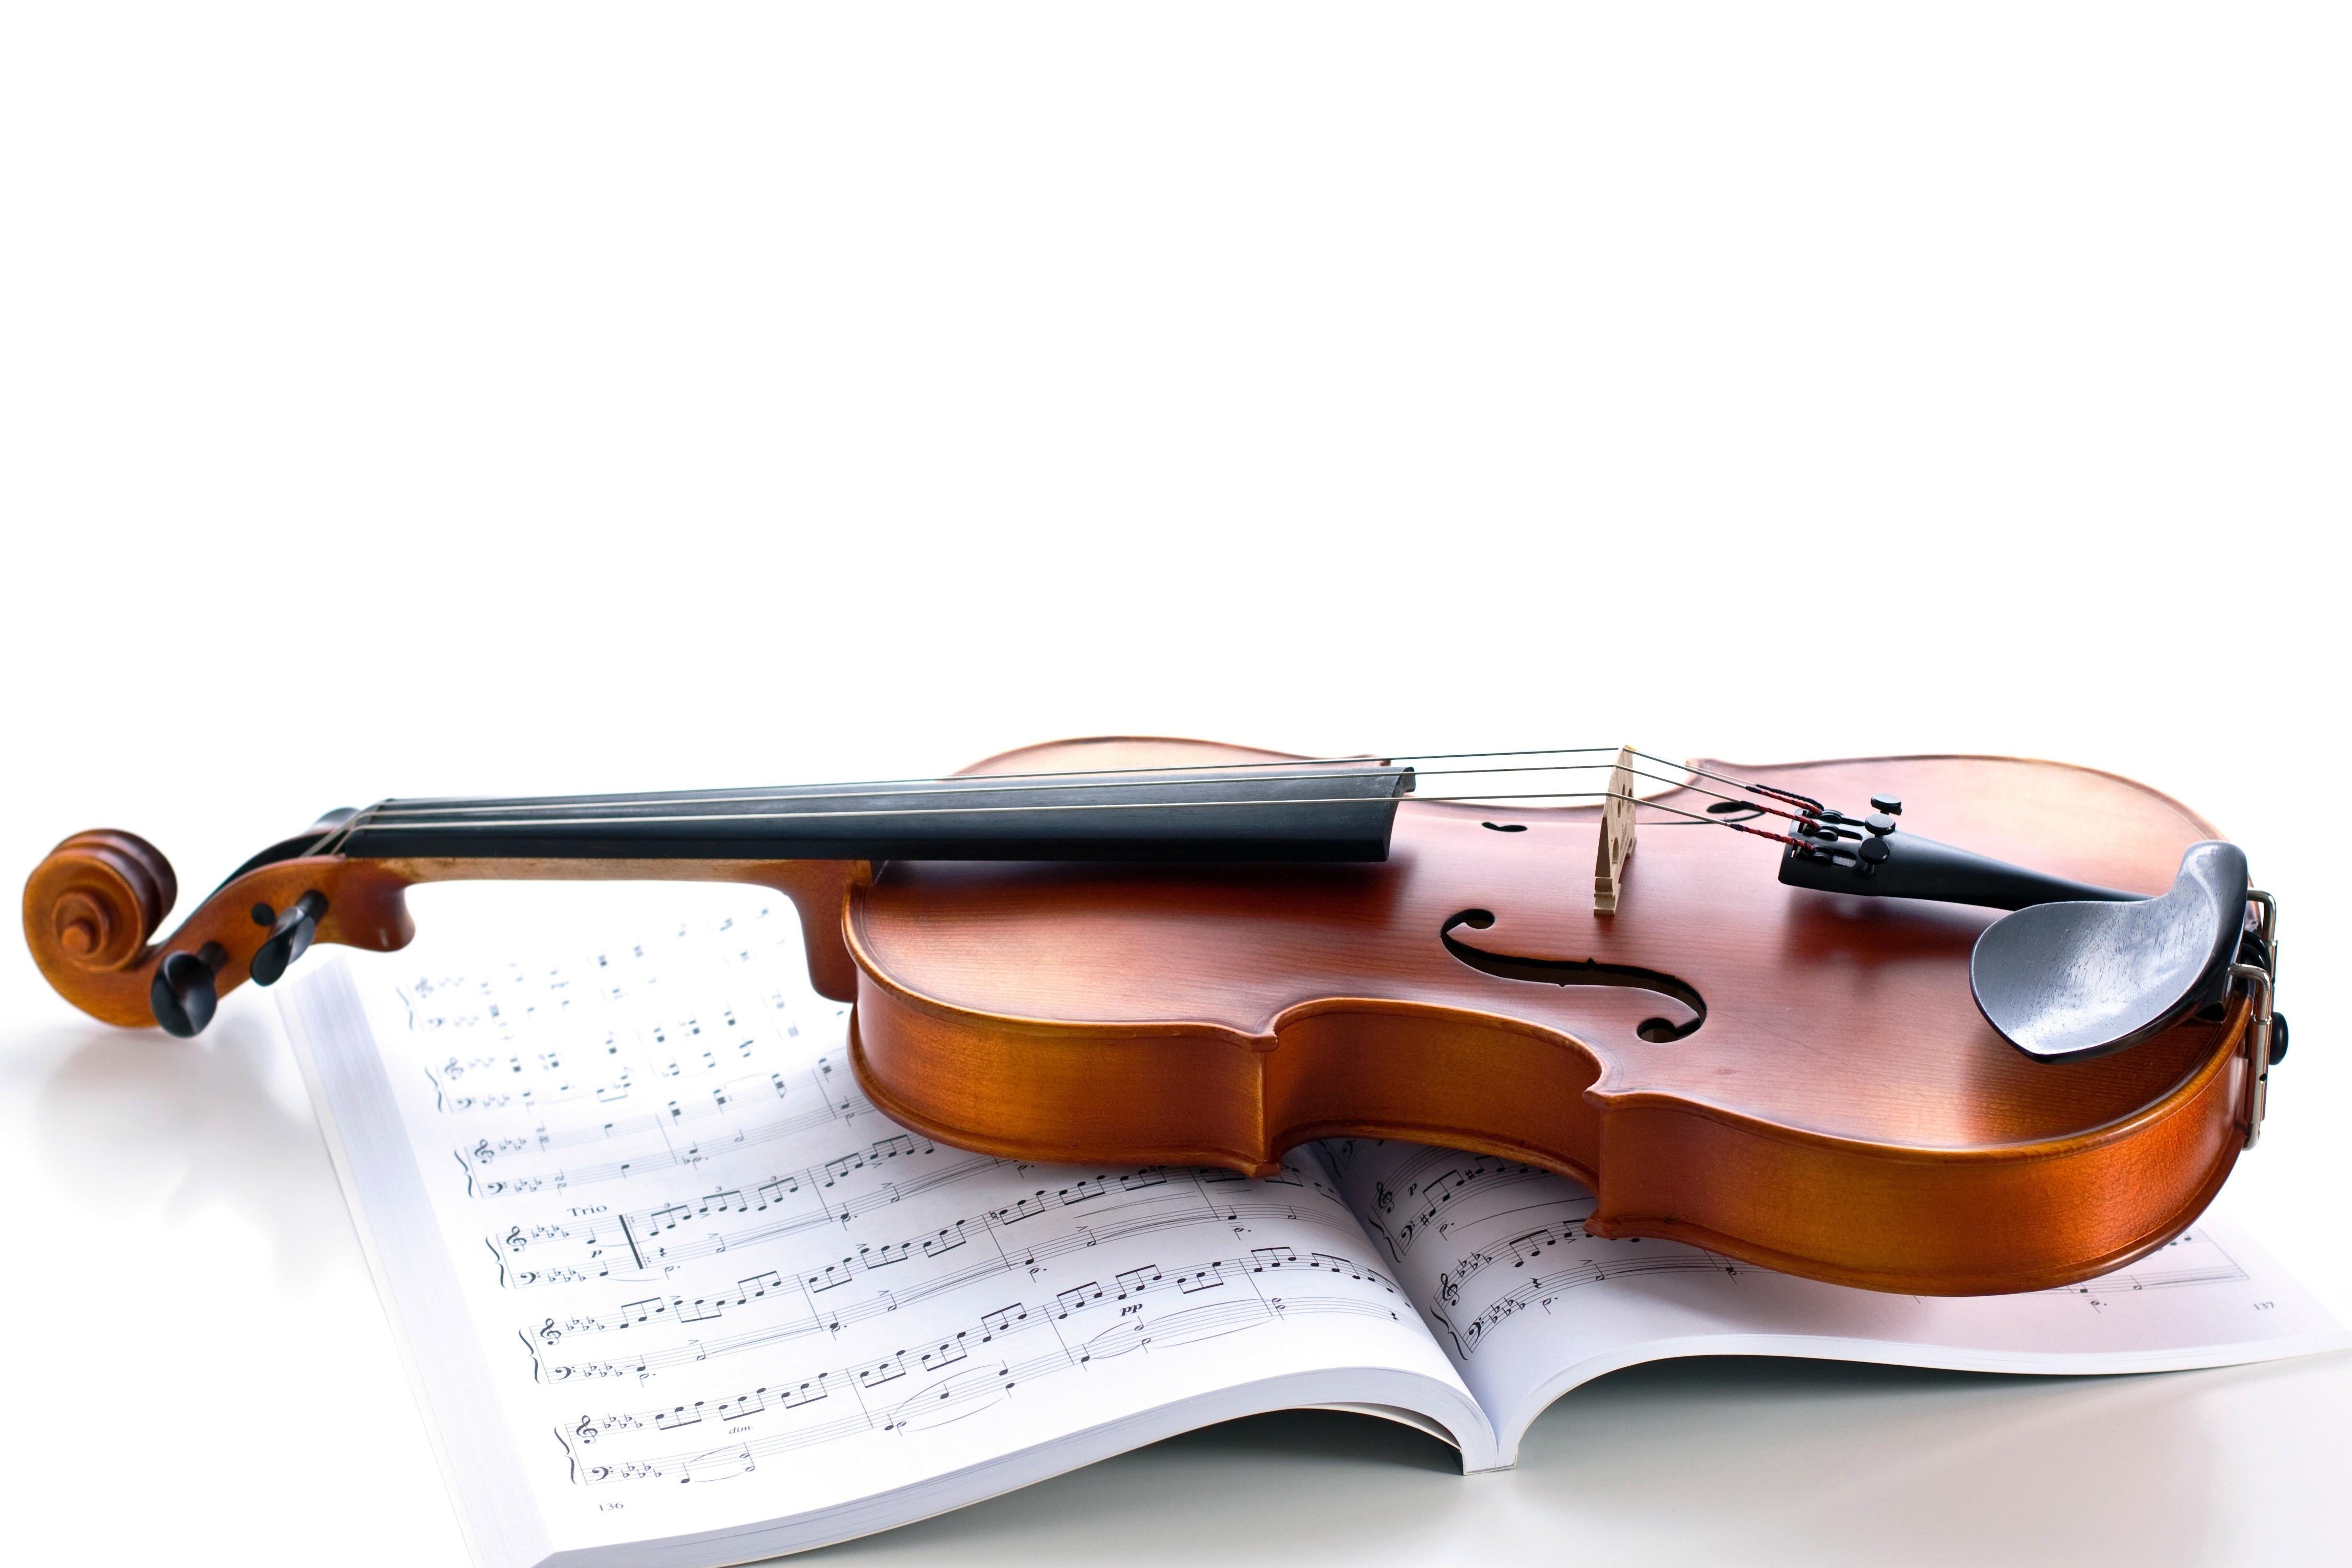 картинка с надписью скрипки